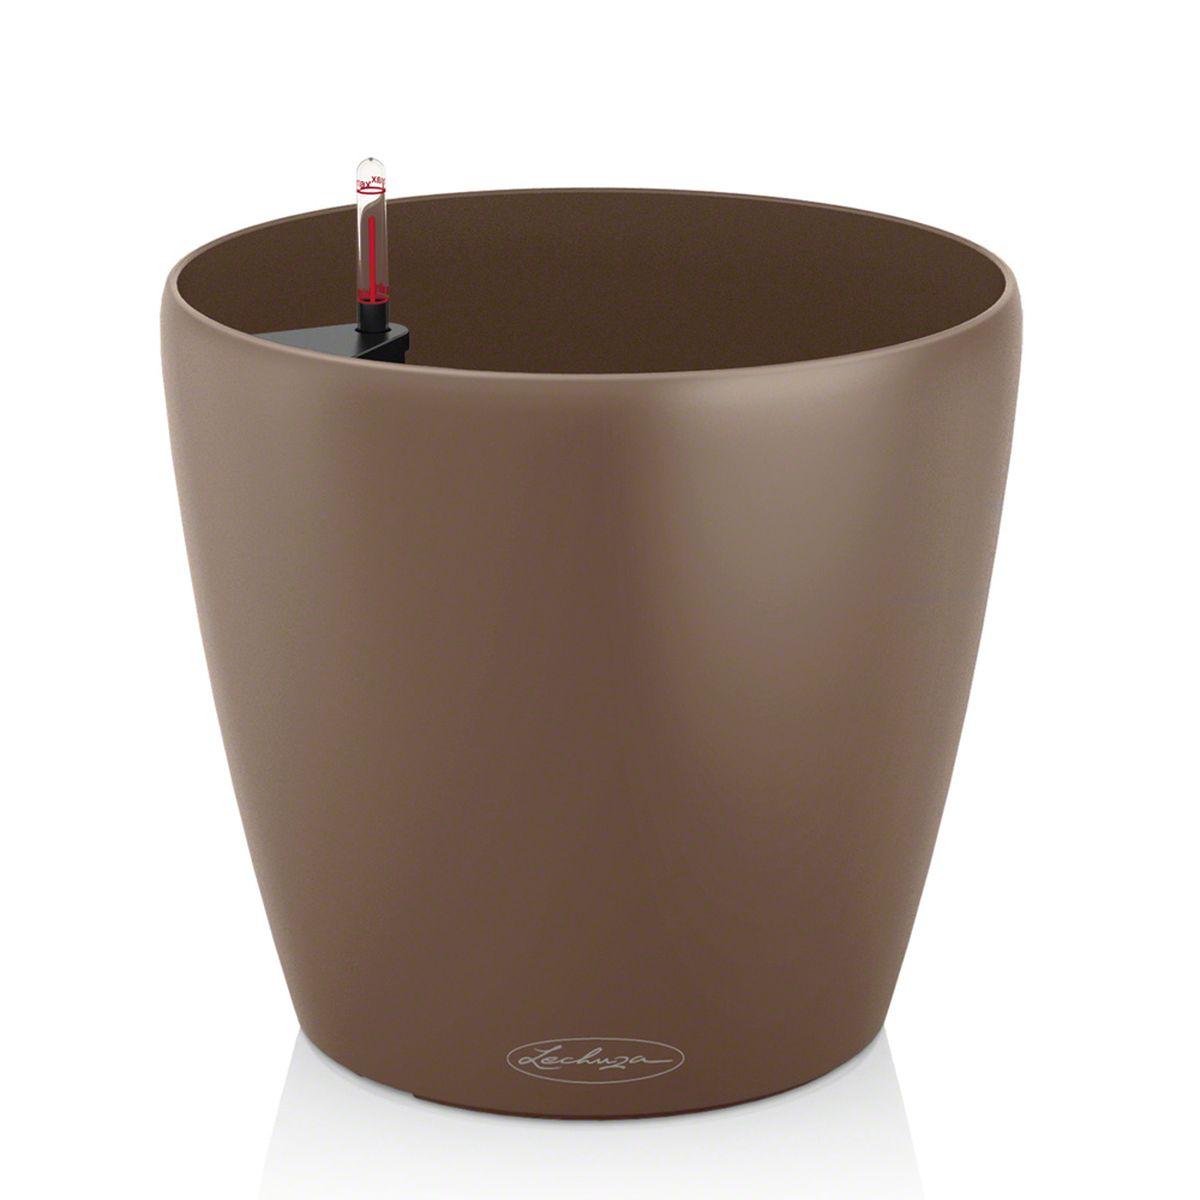 Кашпо Lechuza Color Classico, с системой автополива, цвет: мускатный орех, диаметр 35 см13223Кашпо Lechuza Color Classico, изготовленное из высококачественного пластика, идеальное решение для тех, кто регулярно забывает поливать комнатные растения. Стильный дизайн позволит украсить растениями офис, кафе или любое другое помещение. Кашпо Lechuza Color Classico с системой автополива упростит уход за вашими цветами и поможет растениям получать то количество влаги, которое им необходимо в данный момент времени. В набор входит: кашпо, индикатор уровня воды, субстрат растений в качестве дренажного слоя. Кашпо Lechuza Color Classico украсит любой интерьер и станет замечательным подарком для ваших родных и близких.